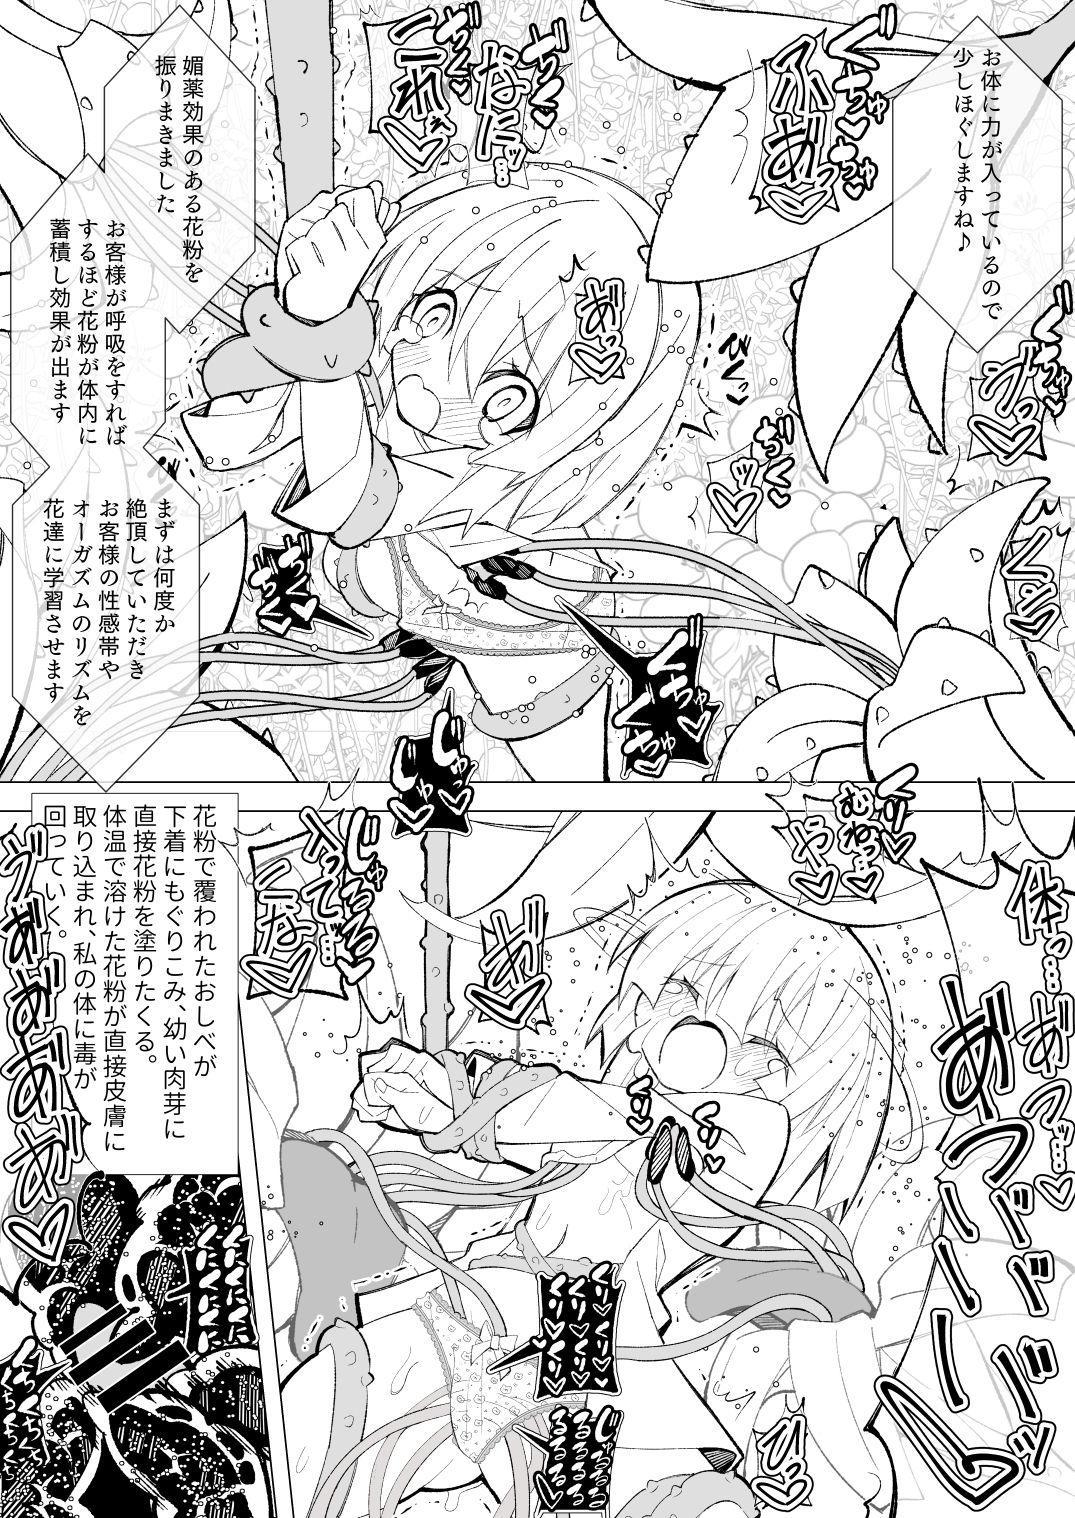 Ishu kan fūzoku-gai3 shokubutsu shokushu × rori 17